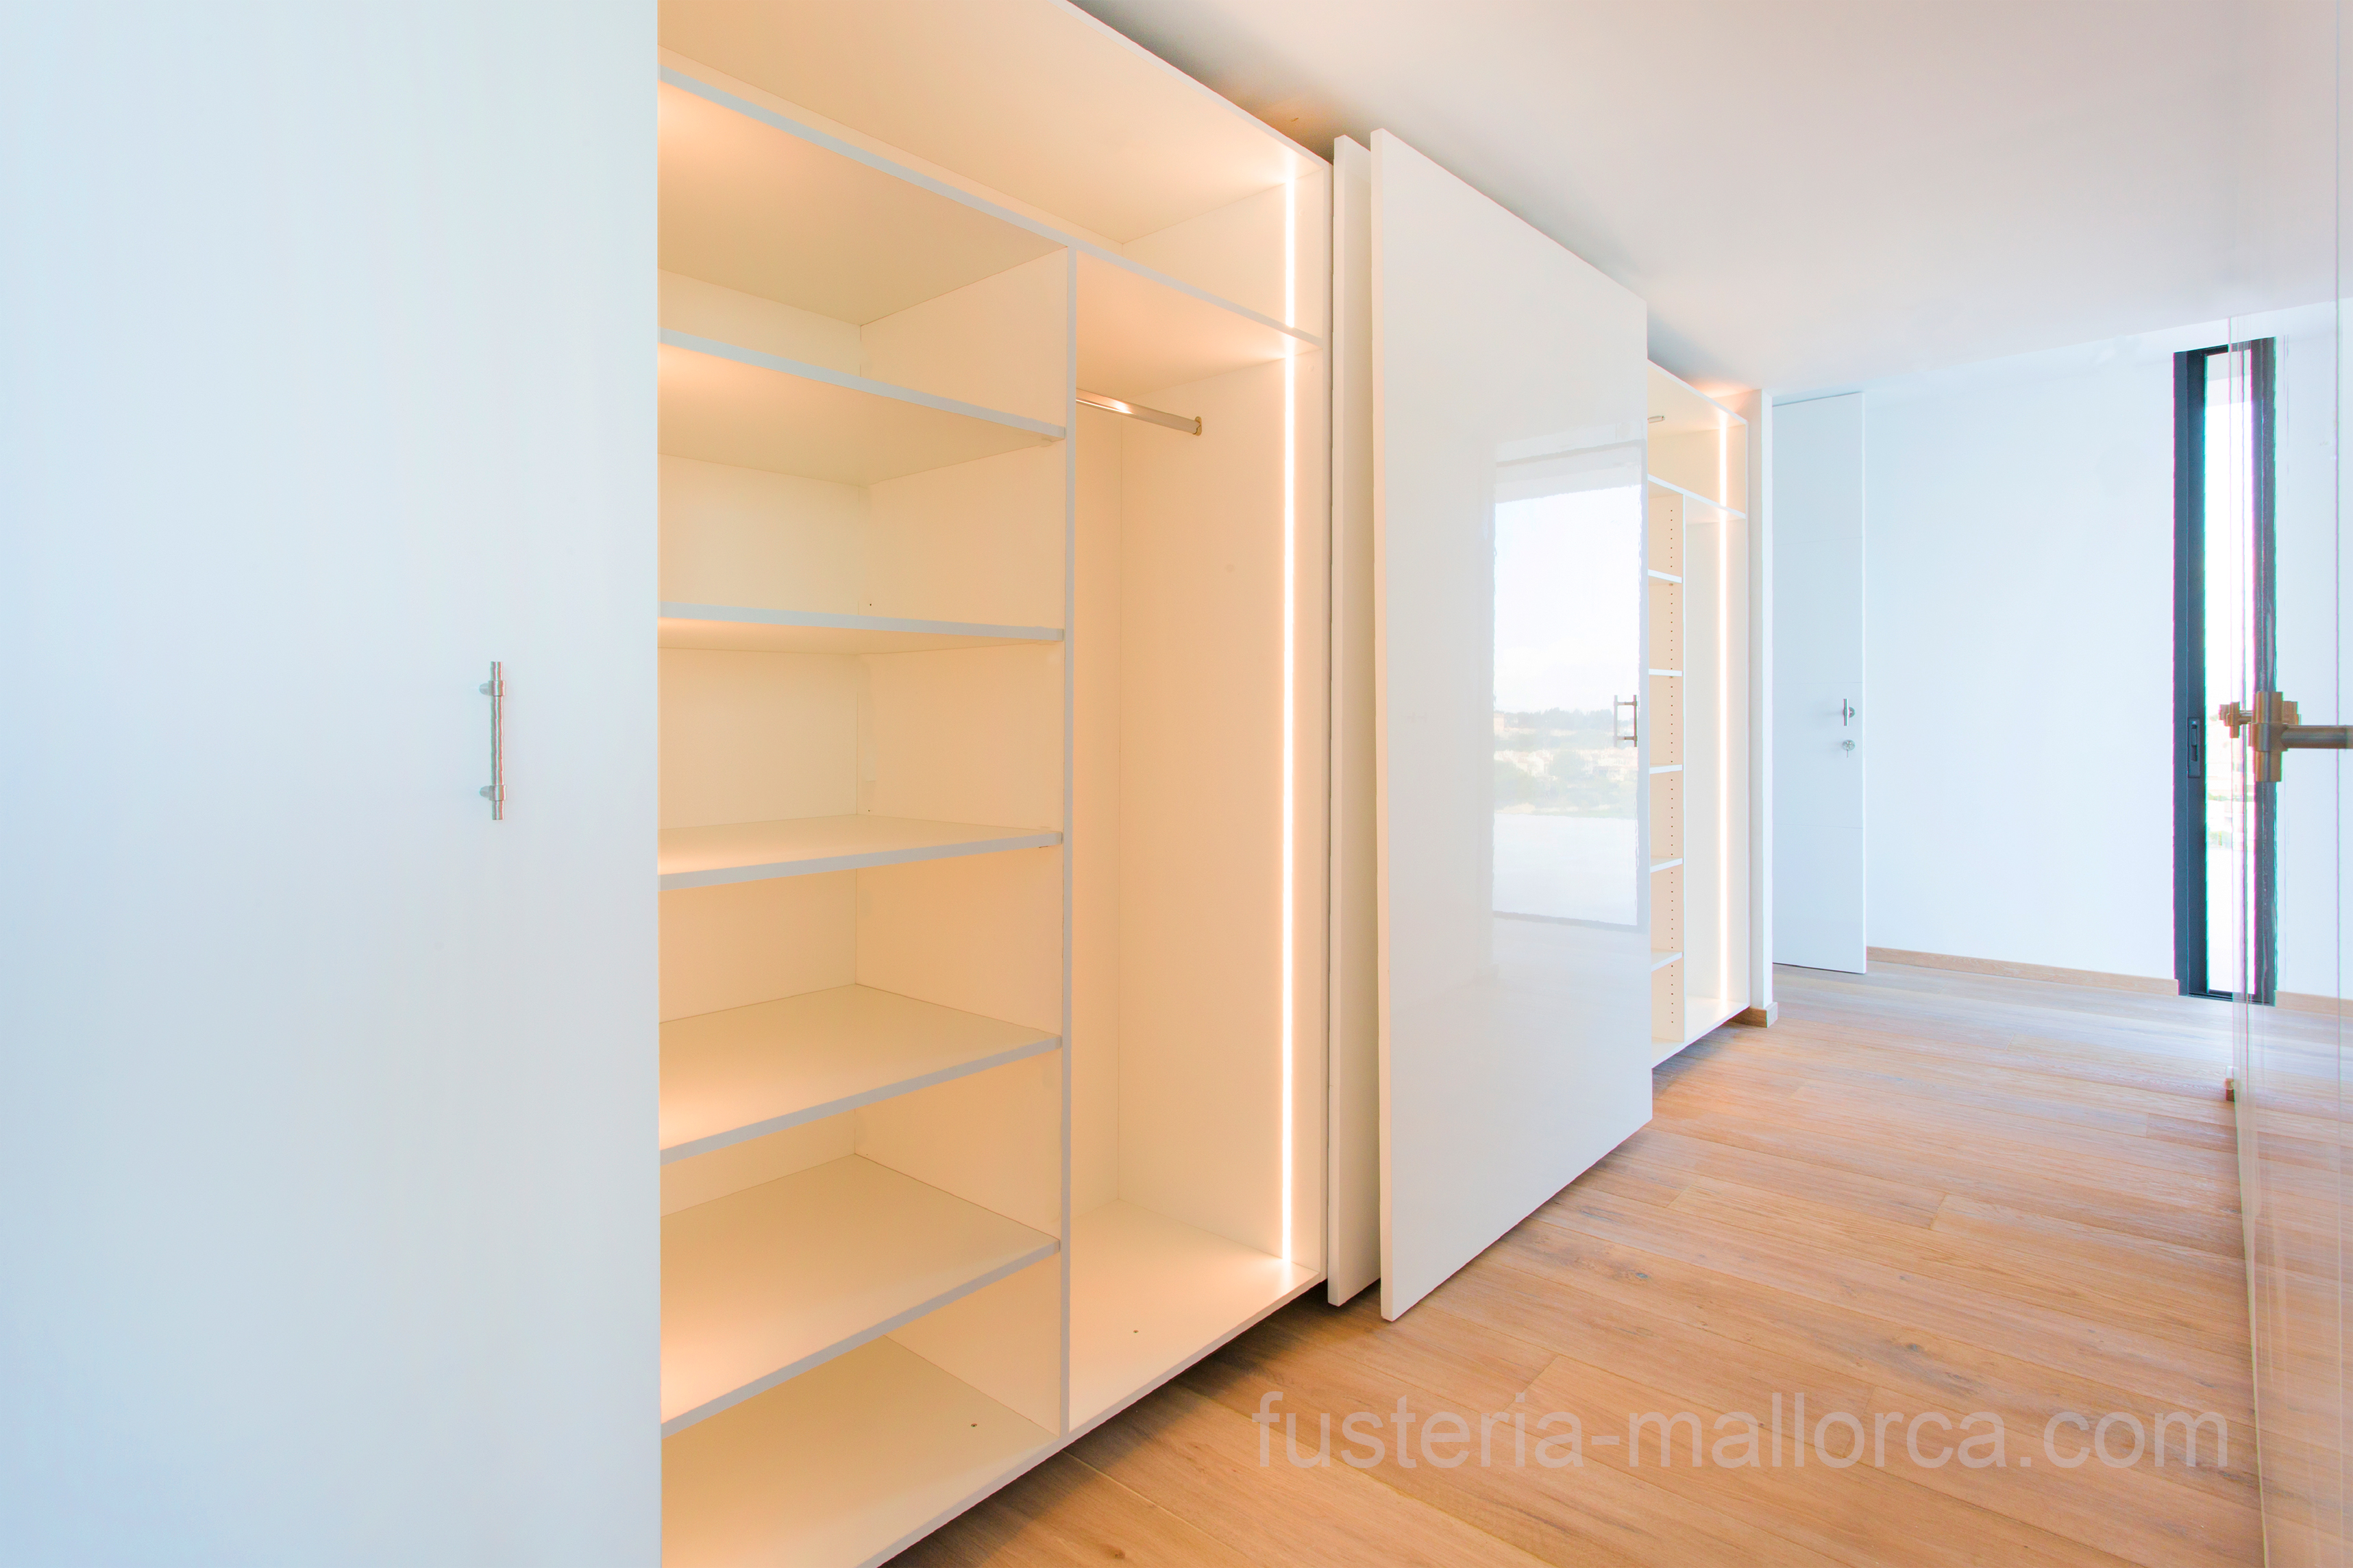 #wood #art #design #holz #kunst #design #madera #arte #cupboard #walkincupboard #kleiderschrank #begehbarerkleiderschrank #amario #amarioropero #white #weiß #blanco